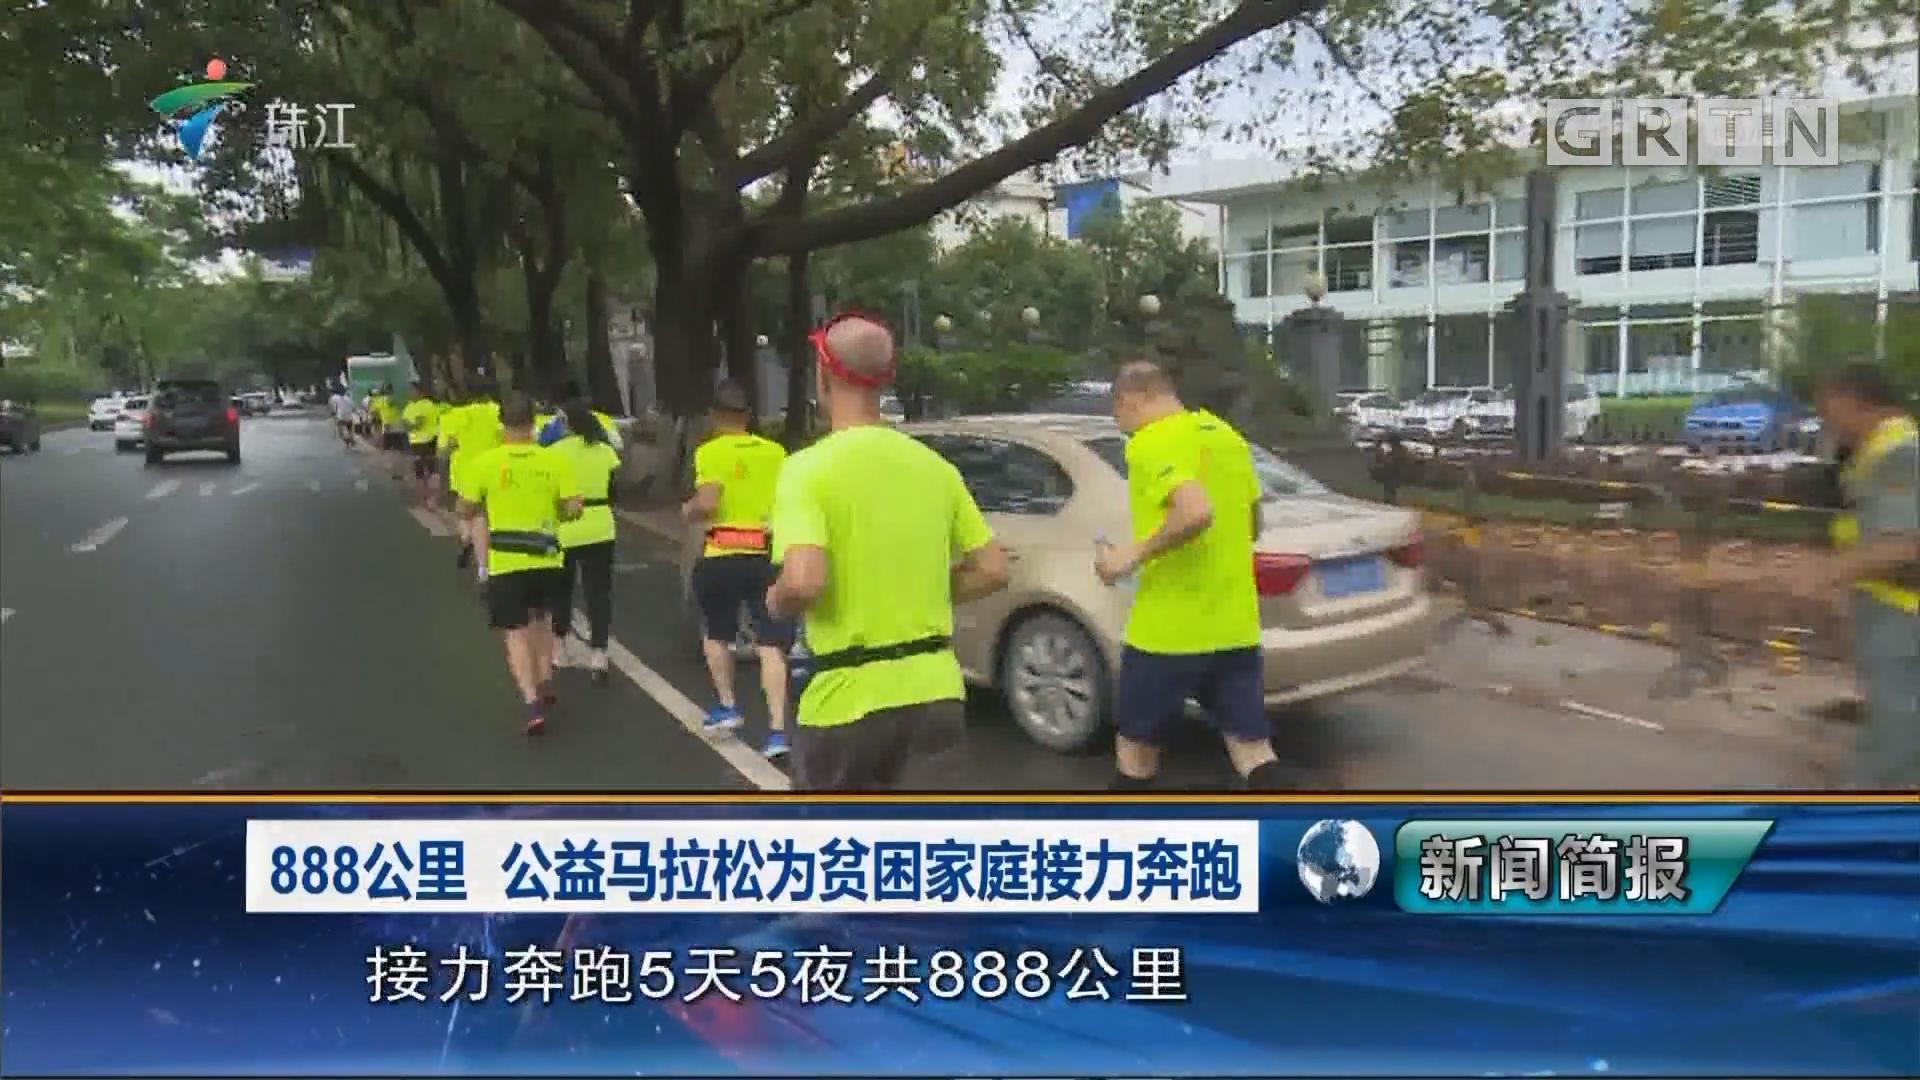 888公里 公益马拉松为贫困家庭接力奔跑